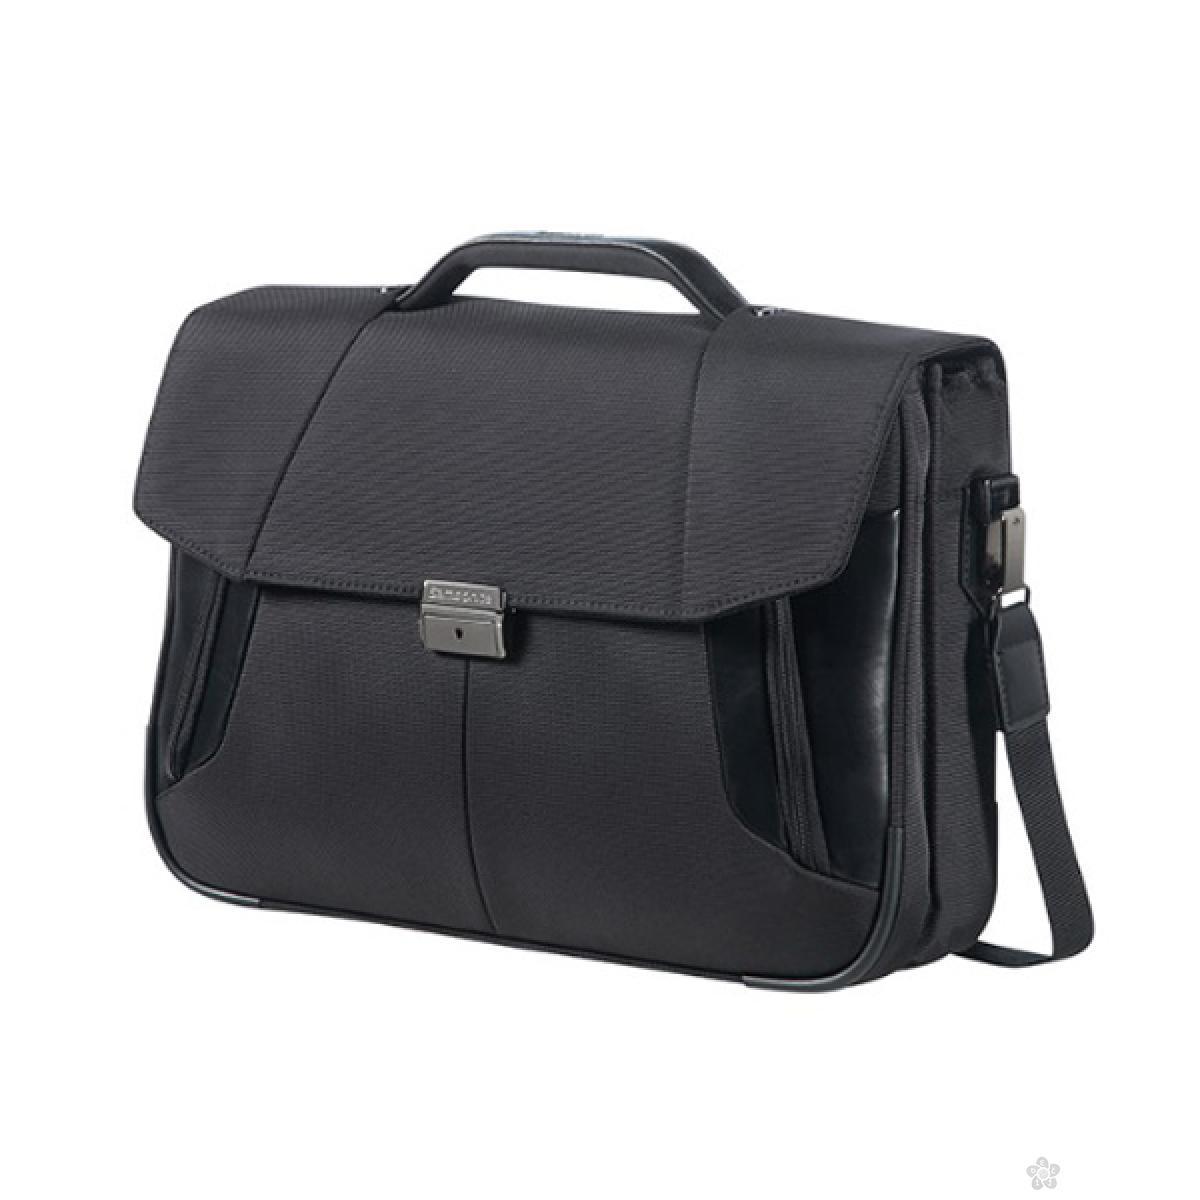 Samsonite poslovna torba BRIEFCASE 2 GUSSETS 15.6 CRNA